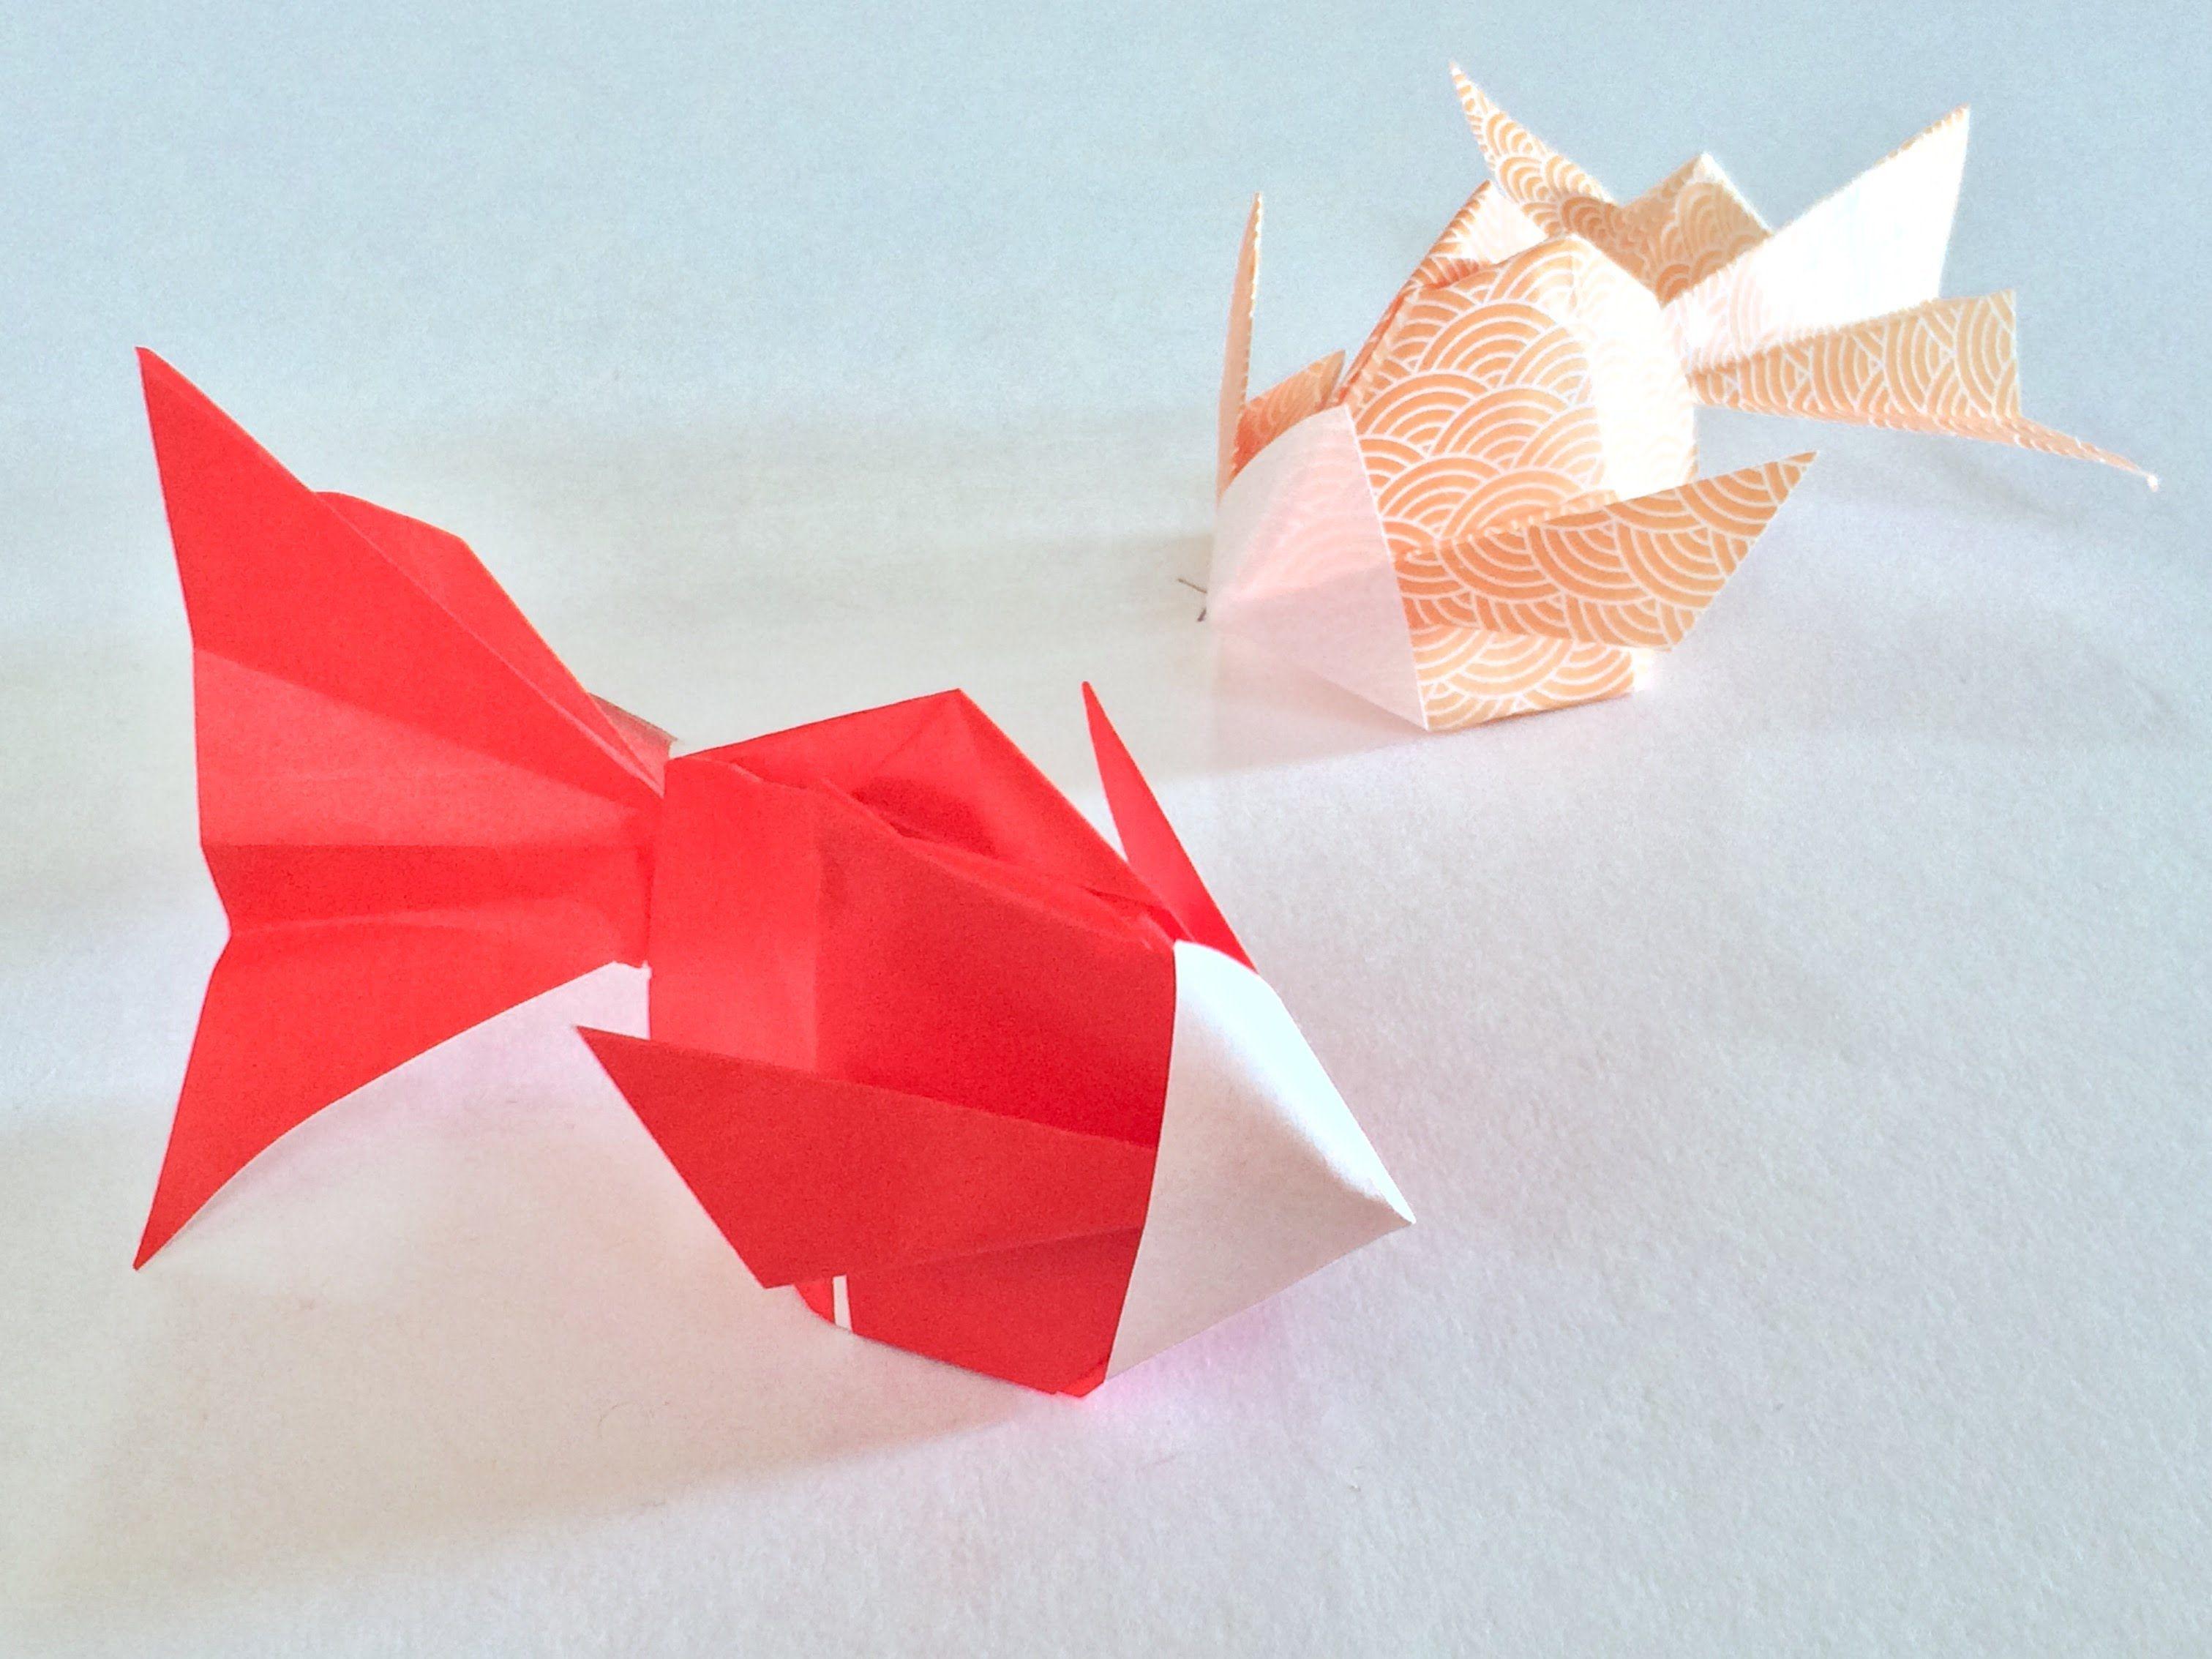 Origami Goldfish Pinterest Video Diagram Quotswan Quyetquot